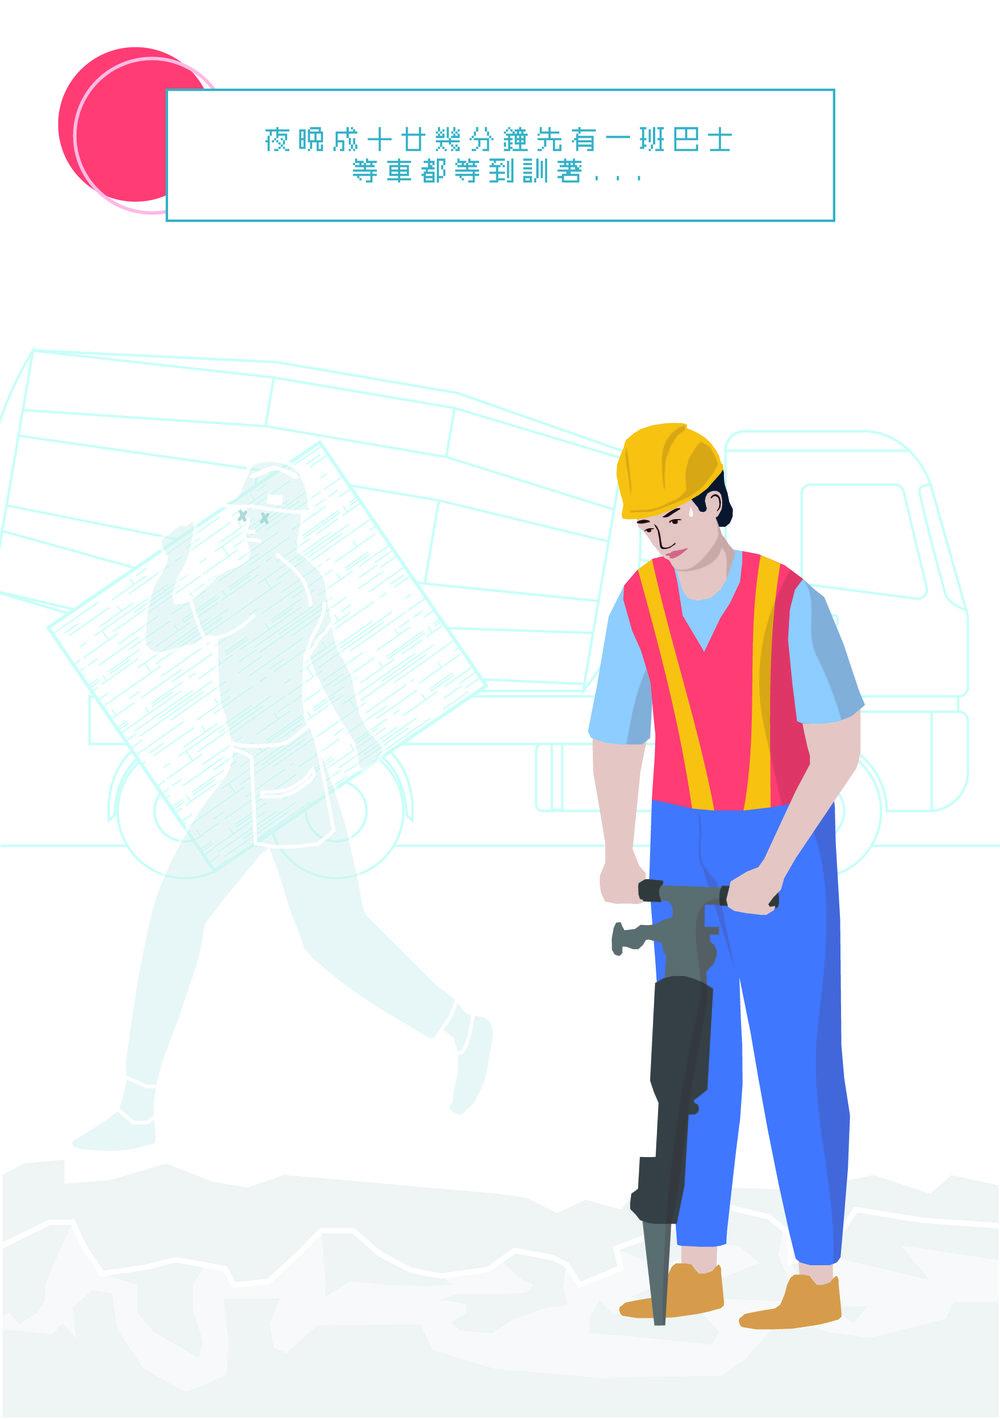 officeworker&construction worker-10.jpg